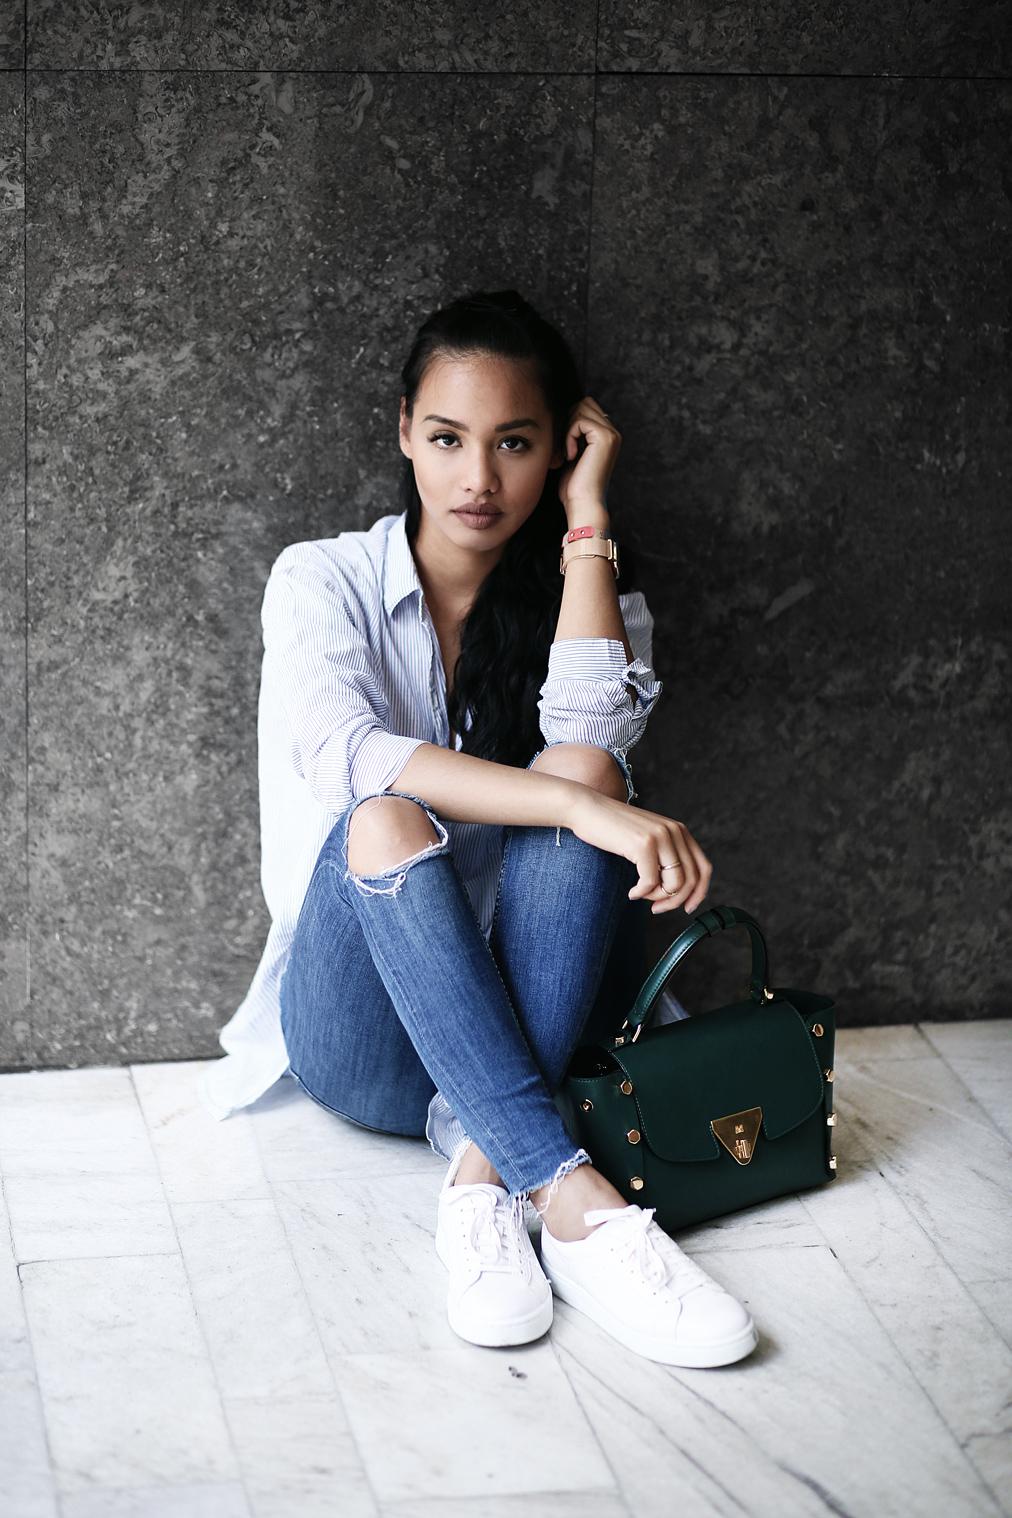 thefashionanarchy_blogger_fashionblogger_modeblogger_styleblogger_sonntagspost_gedankenpost_single_dasein_vorteile_munich_muenchen_blogger_lifestyleblog_2